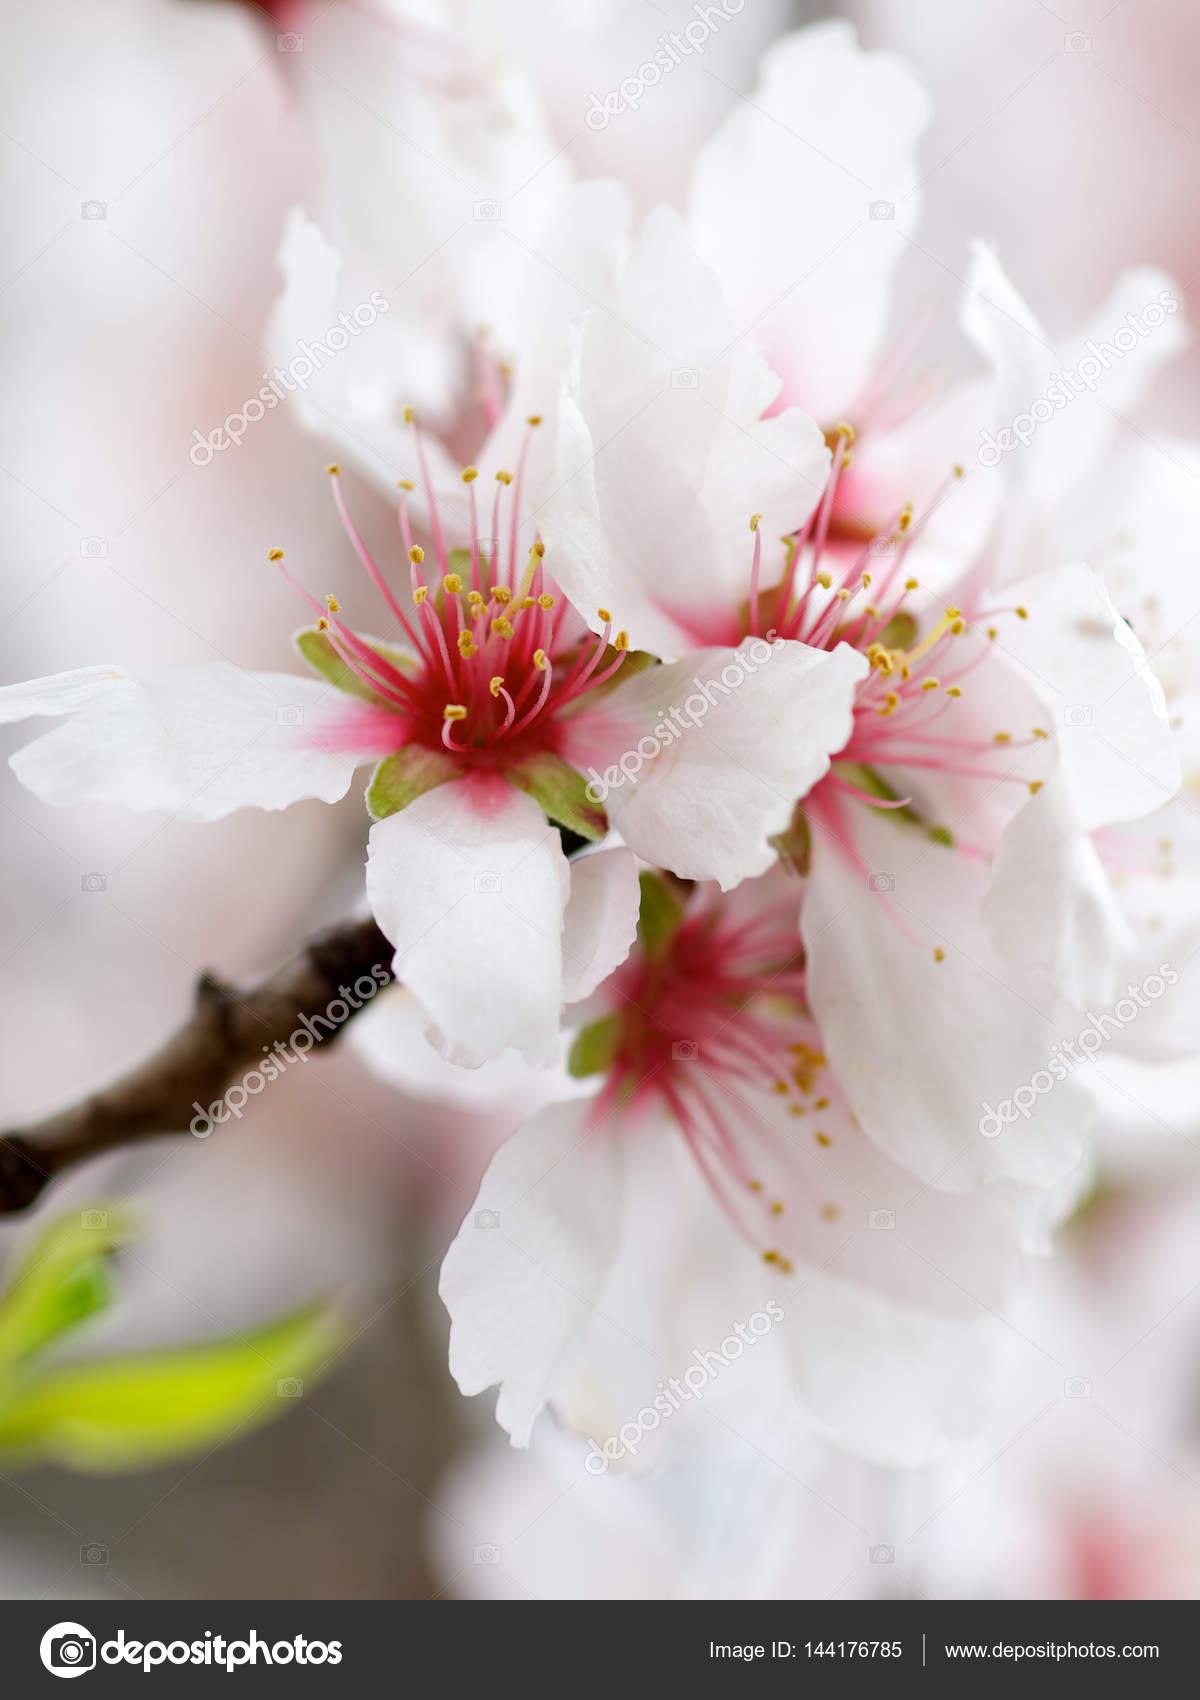 Fleur De Cerisier Blanc Photographie Zhekos_ 144176785